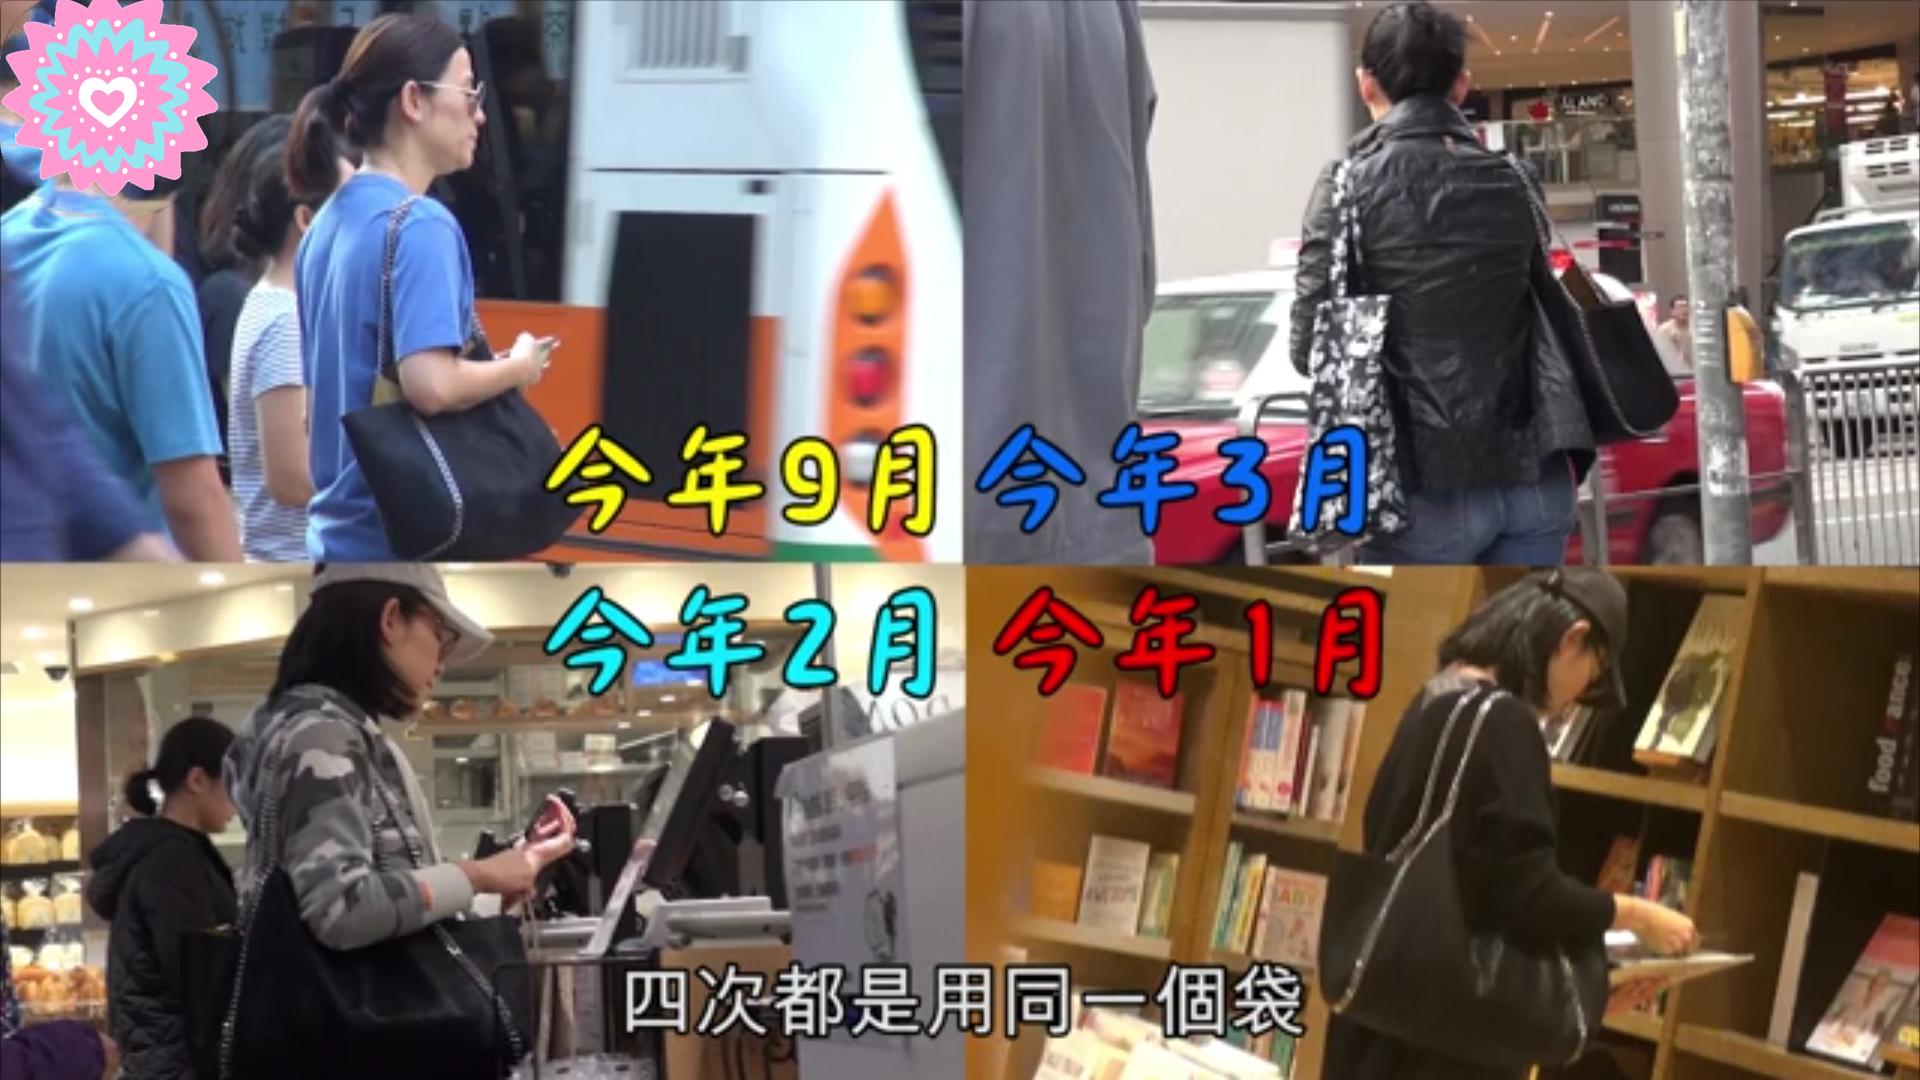 49岁宣萱身材发福吃老本,濒临失业遭劝退,被男神搭救太幸运